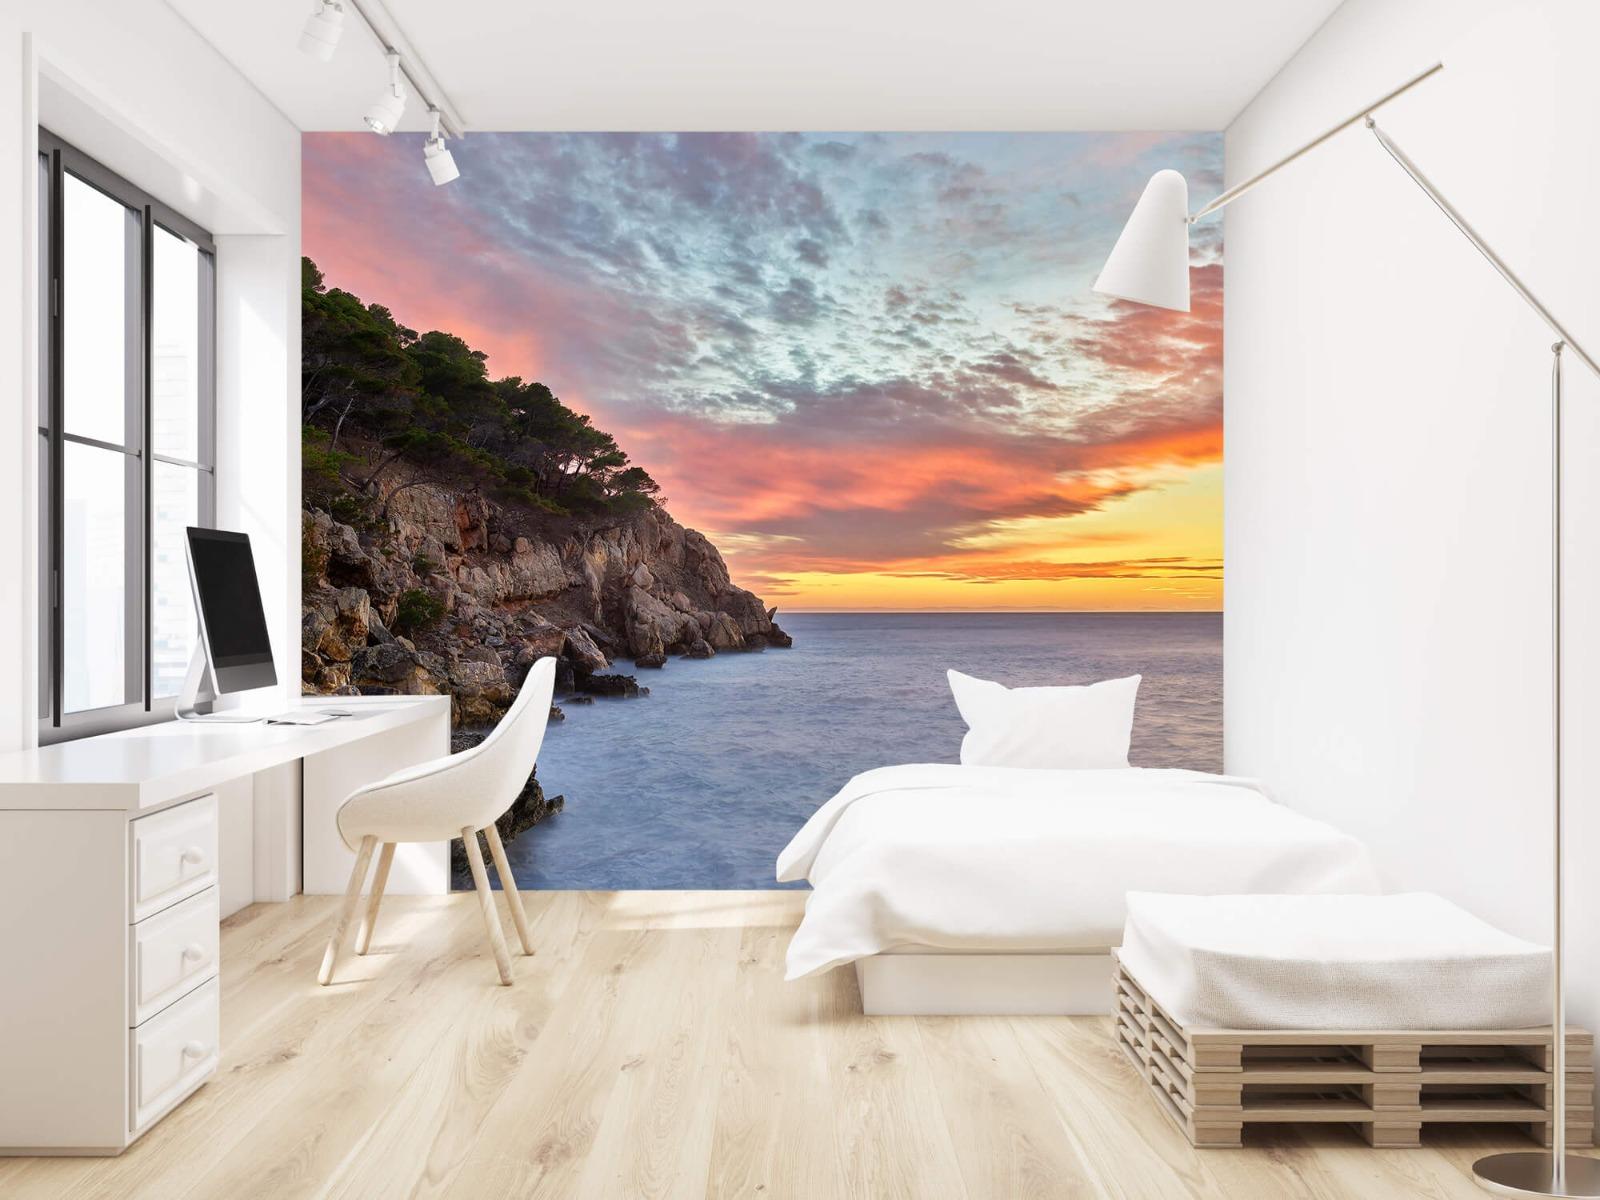 Zeeën en Oceanen - Kleurrijke zonsondergang - Slaapkamer 23